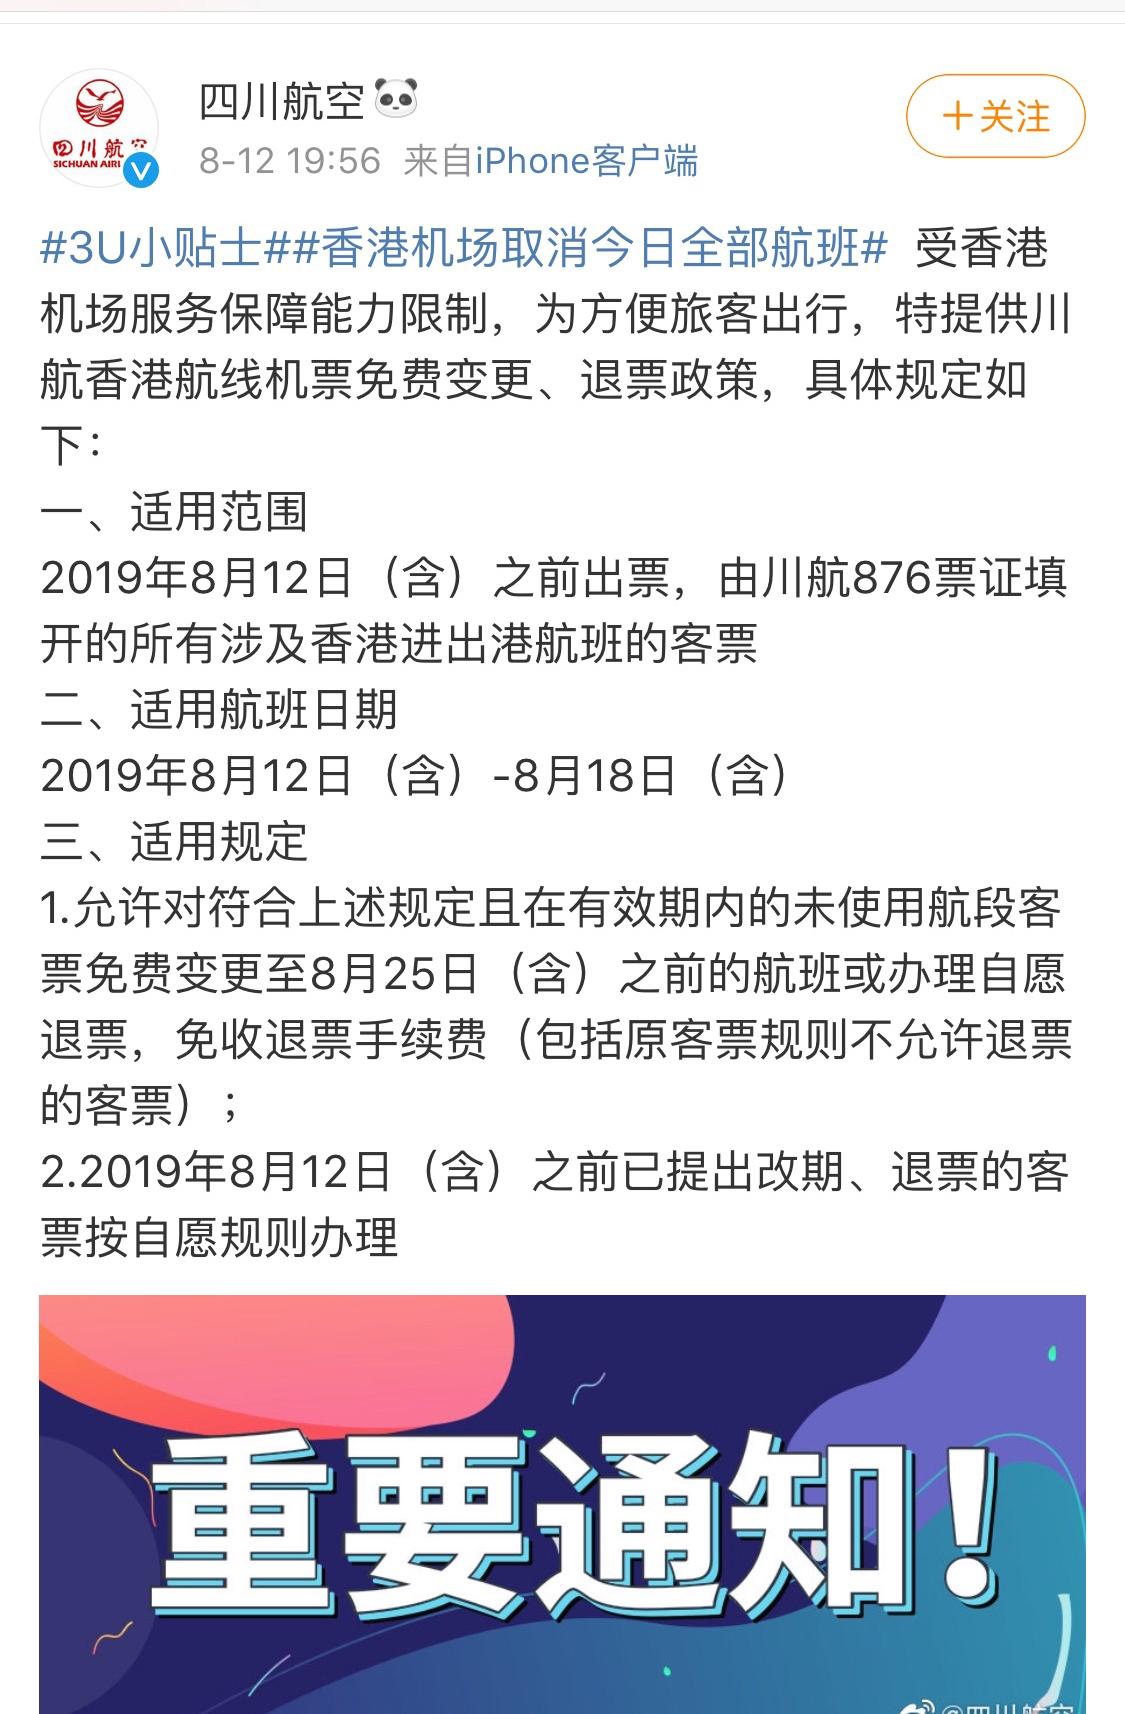 四川航空公布香港航线机票退改签政策。图片来源:@四川航空 微博